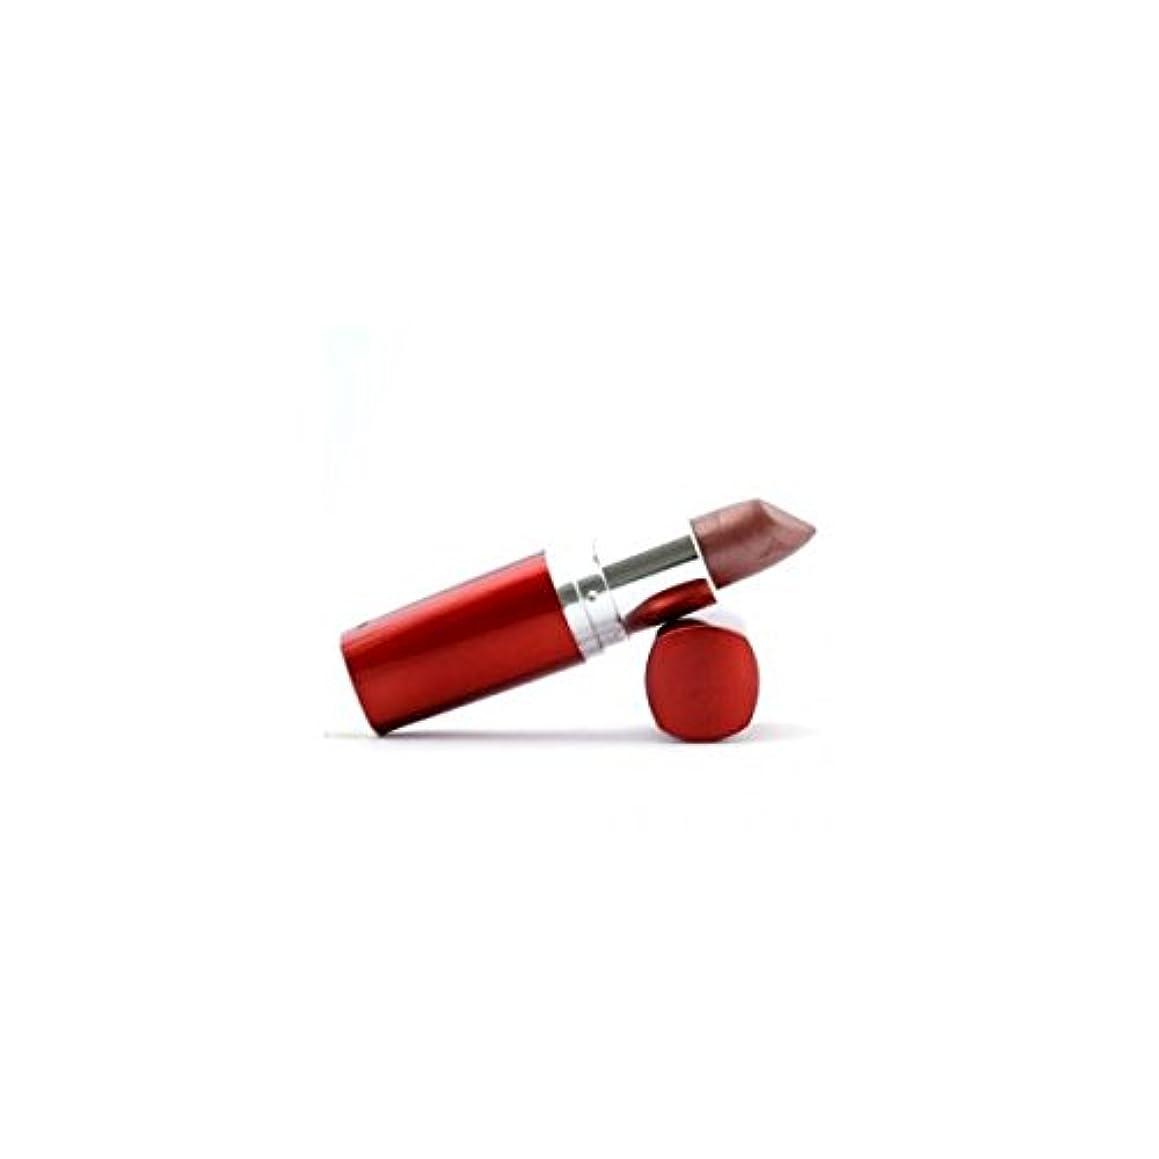 概念テクニカル臭いGemey Maybelline Lippenstift Hydra Extreme, feuchtigkeitsspendend, 52/232 Topas/Rosa